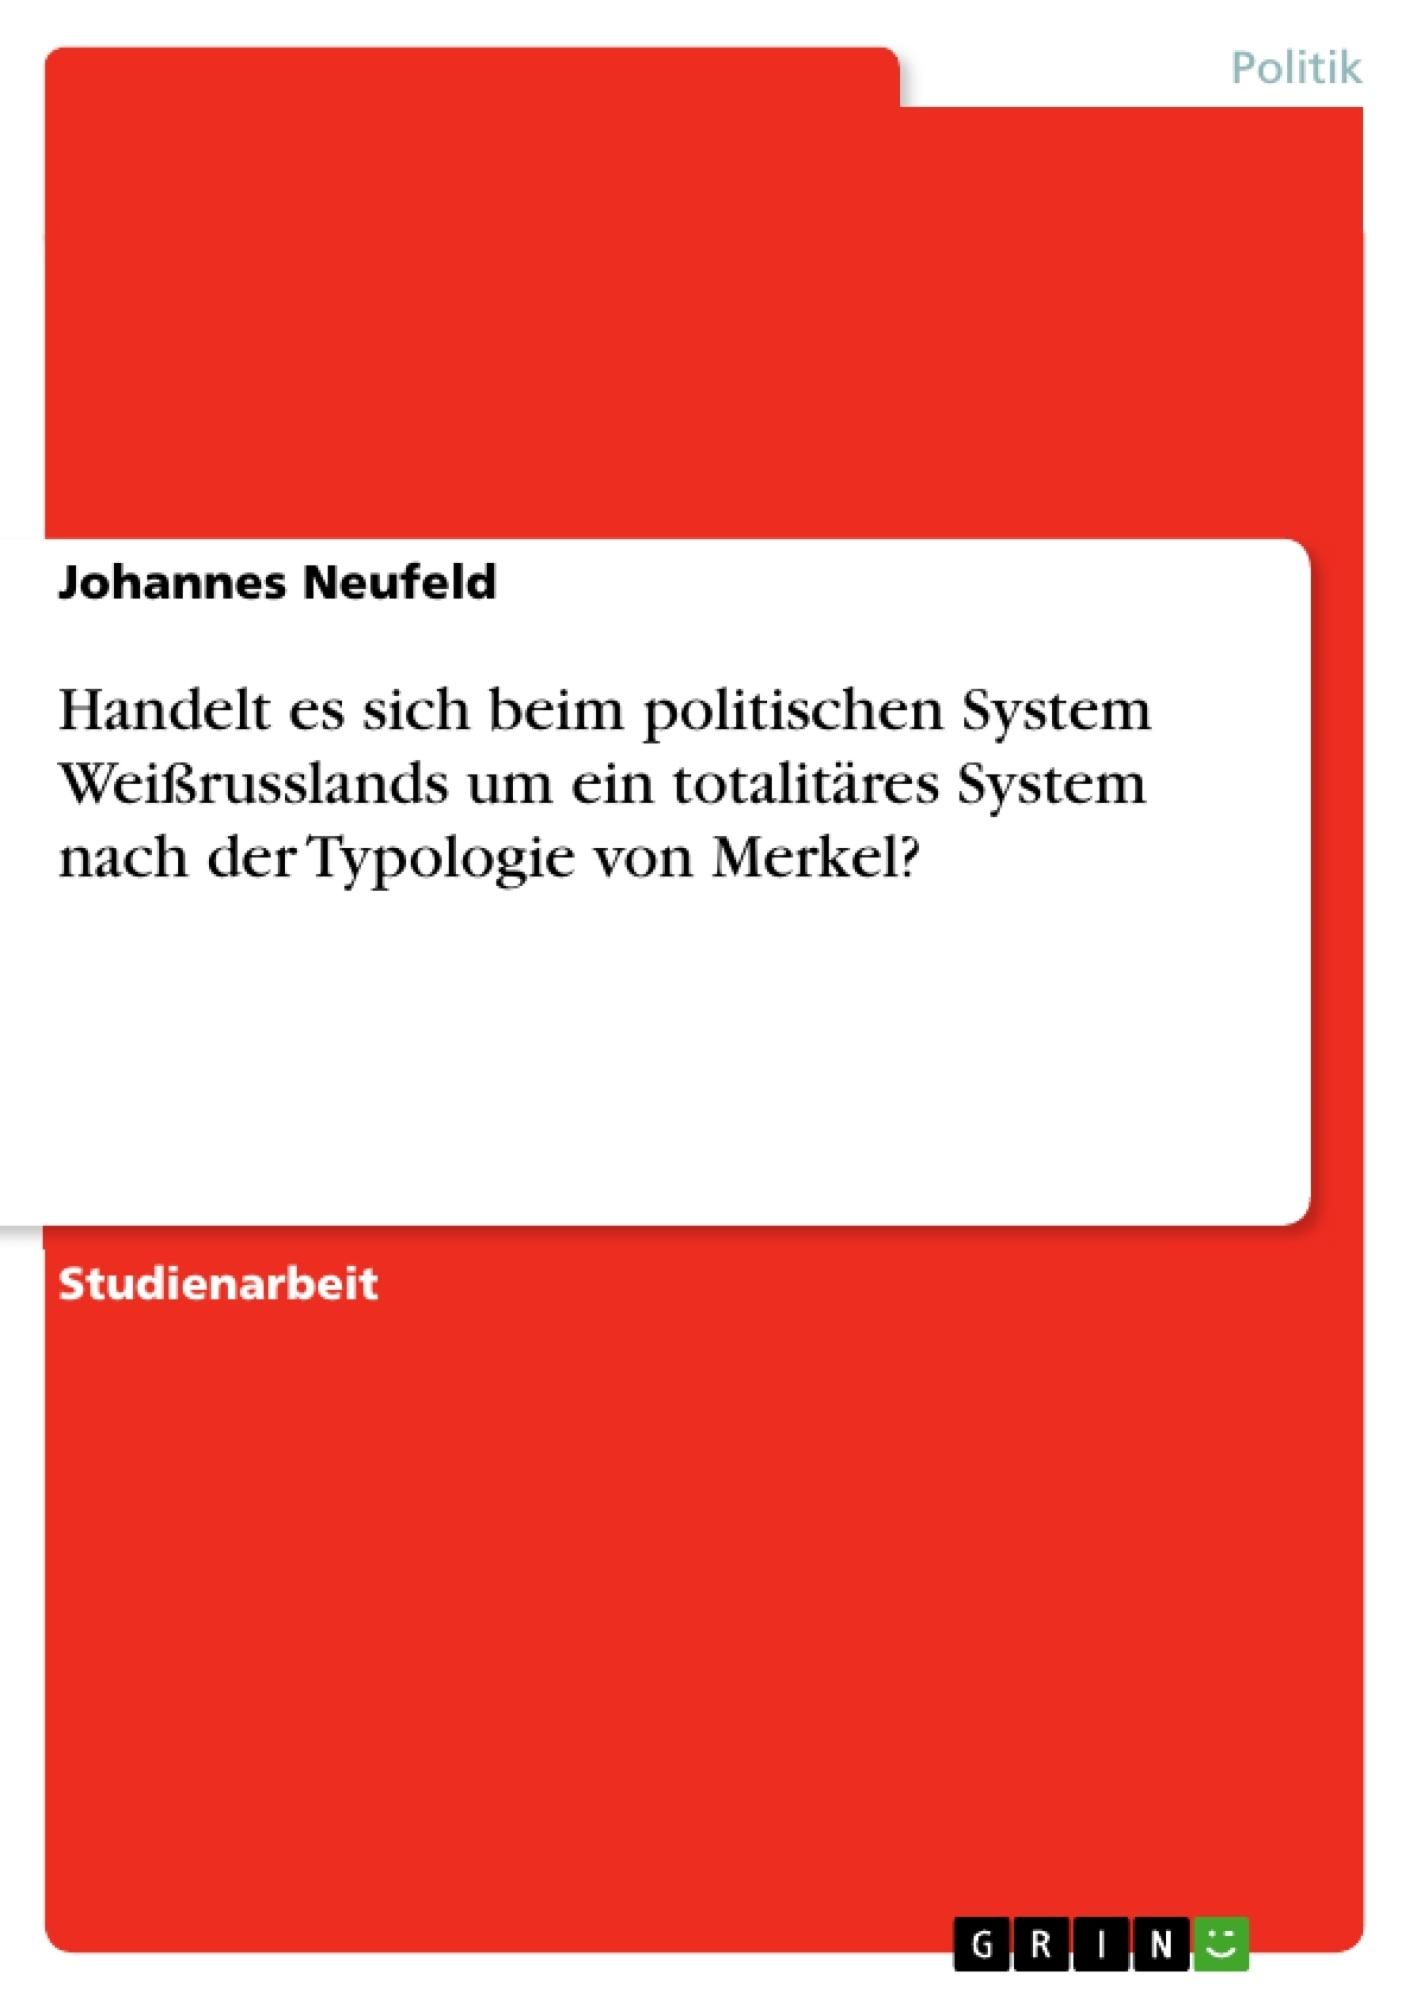 Titel: Handelt es sich beim politischen System Weißrusslands um ein totalitäres System nach der Typologie von Merkel?